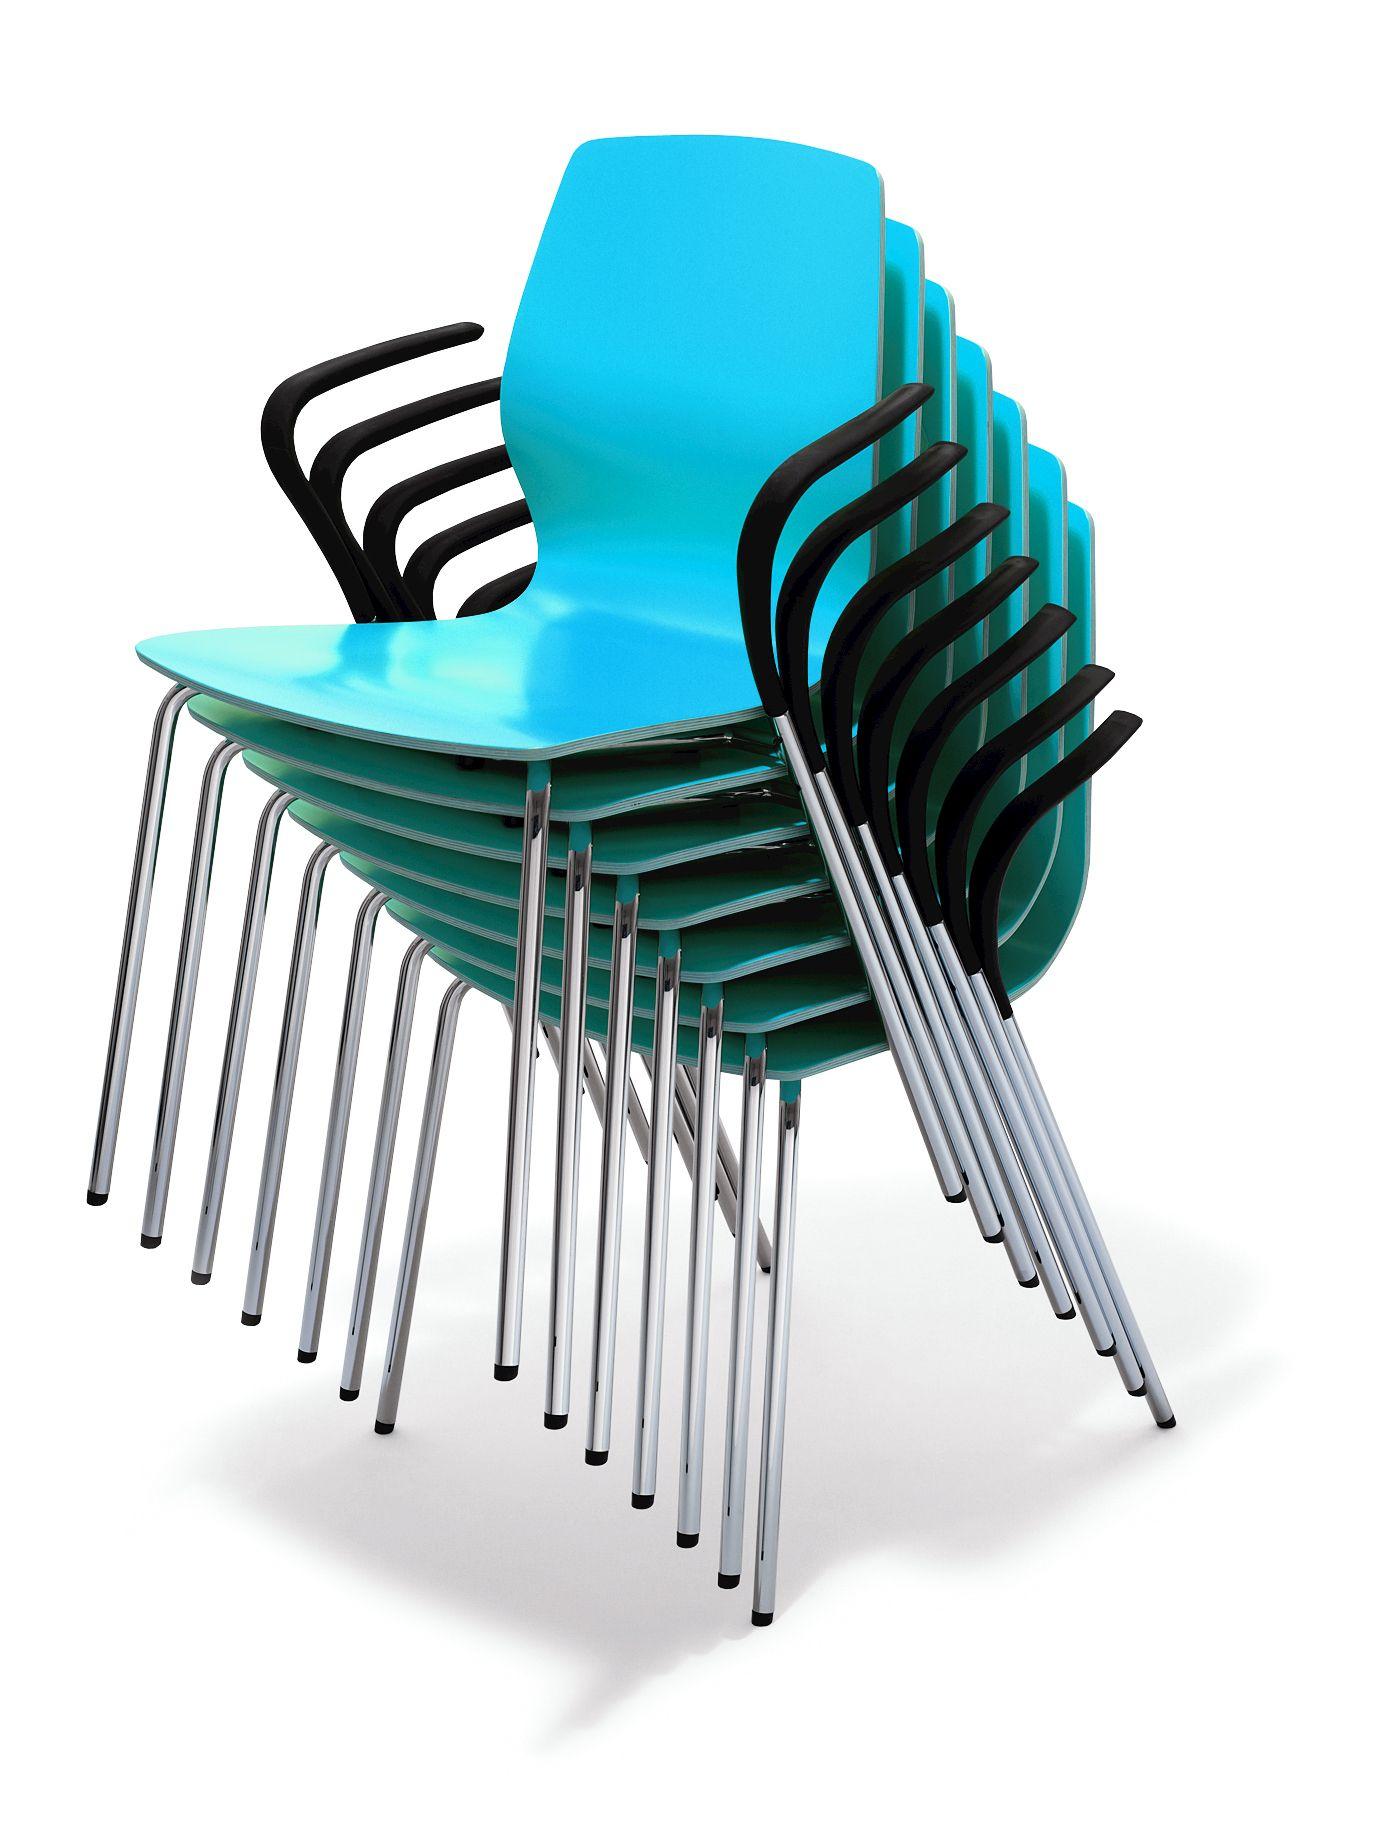 Mezzo konferenzstuhl by bene design christian horner kai for Design konferenzstuhl